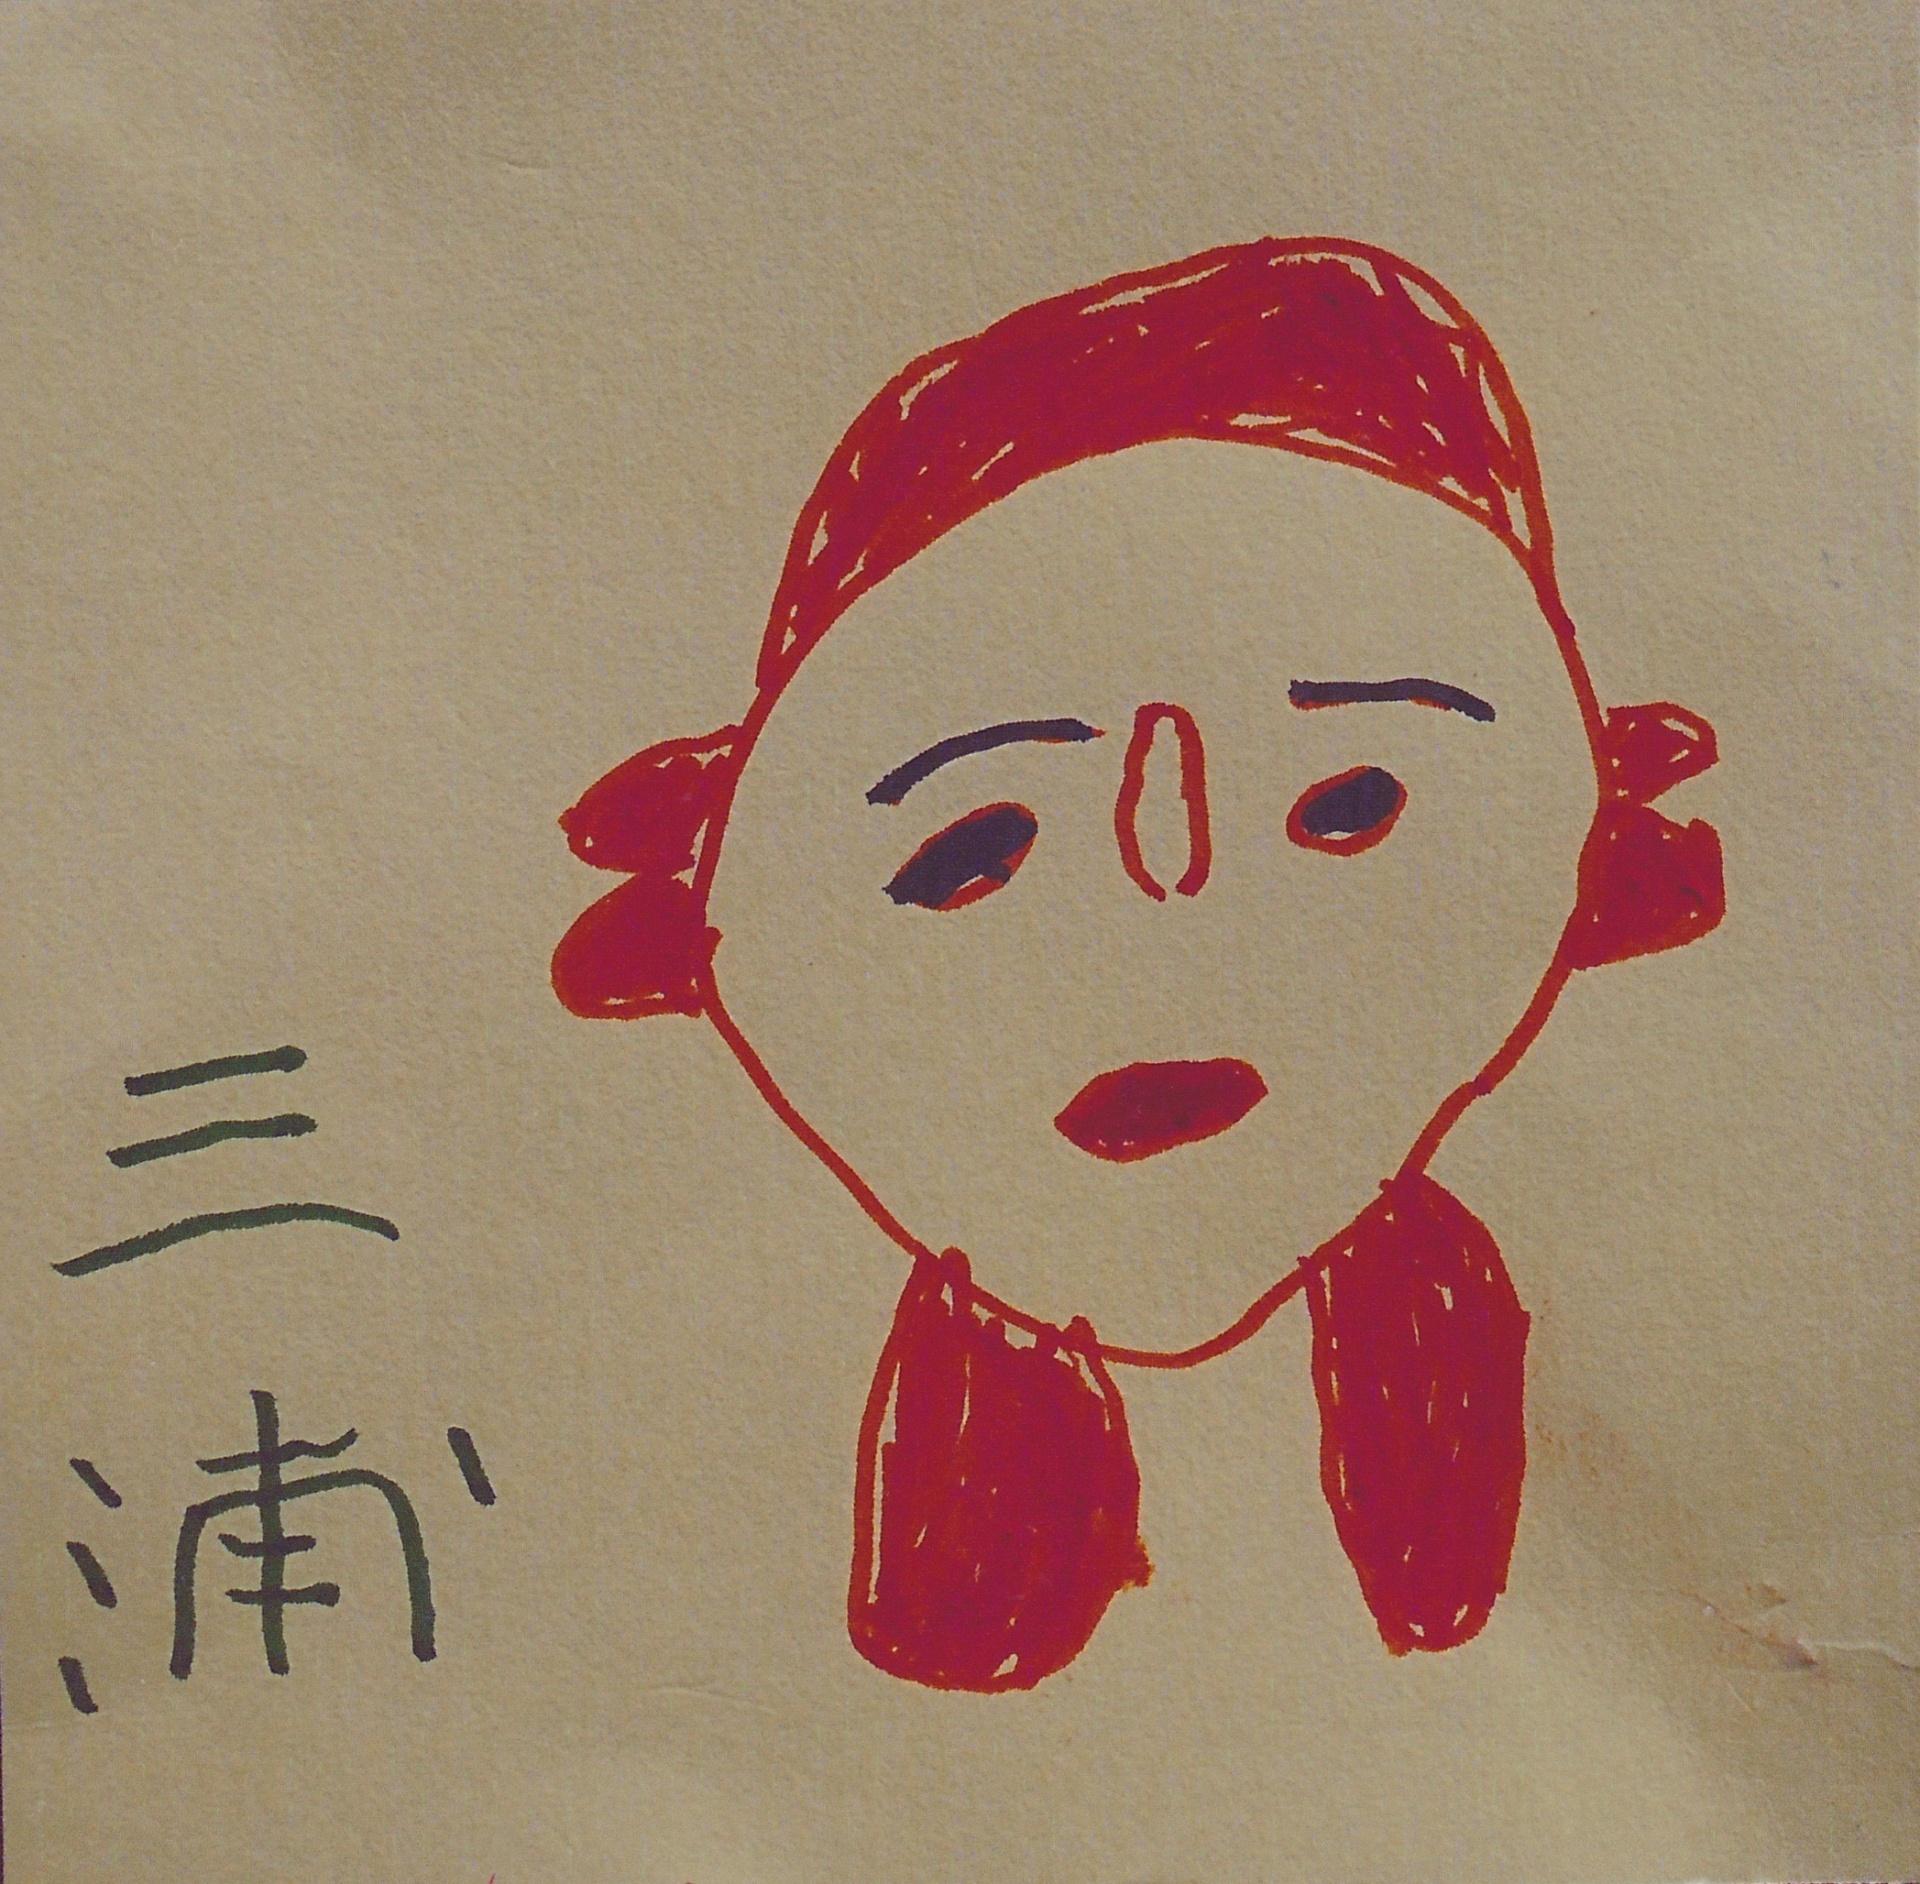 元廣さん (明星学園)